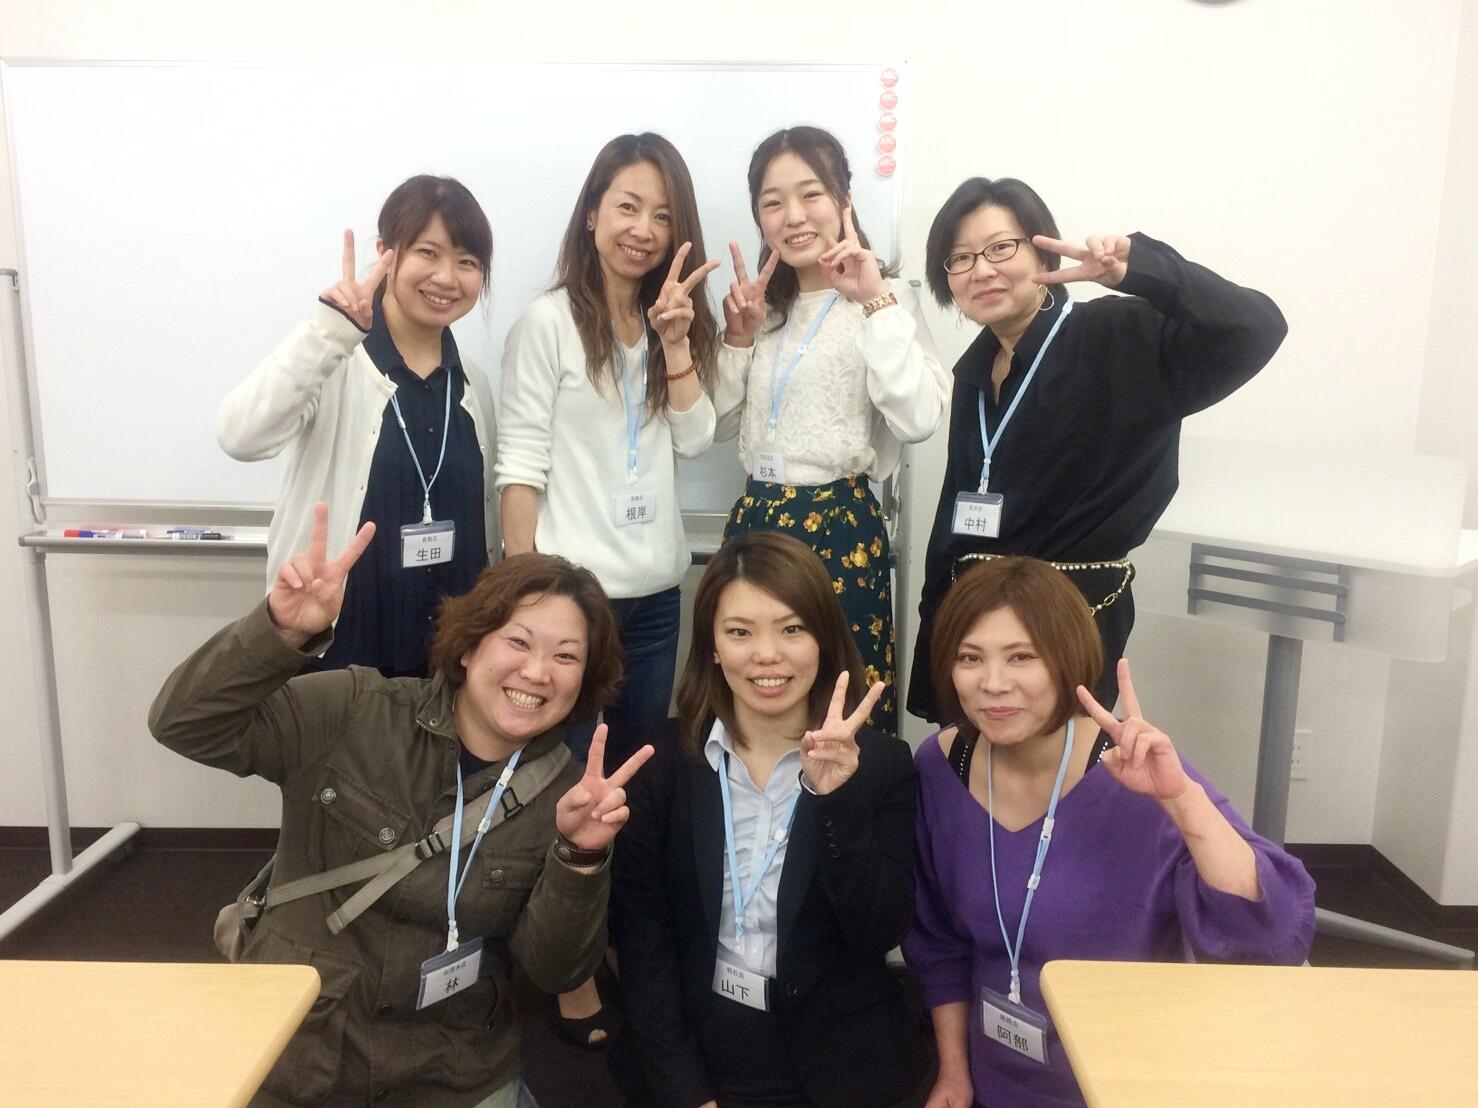 京都のラーメンランキングTOP10 - じゃらんnet